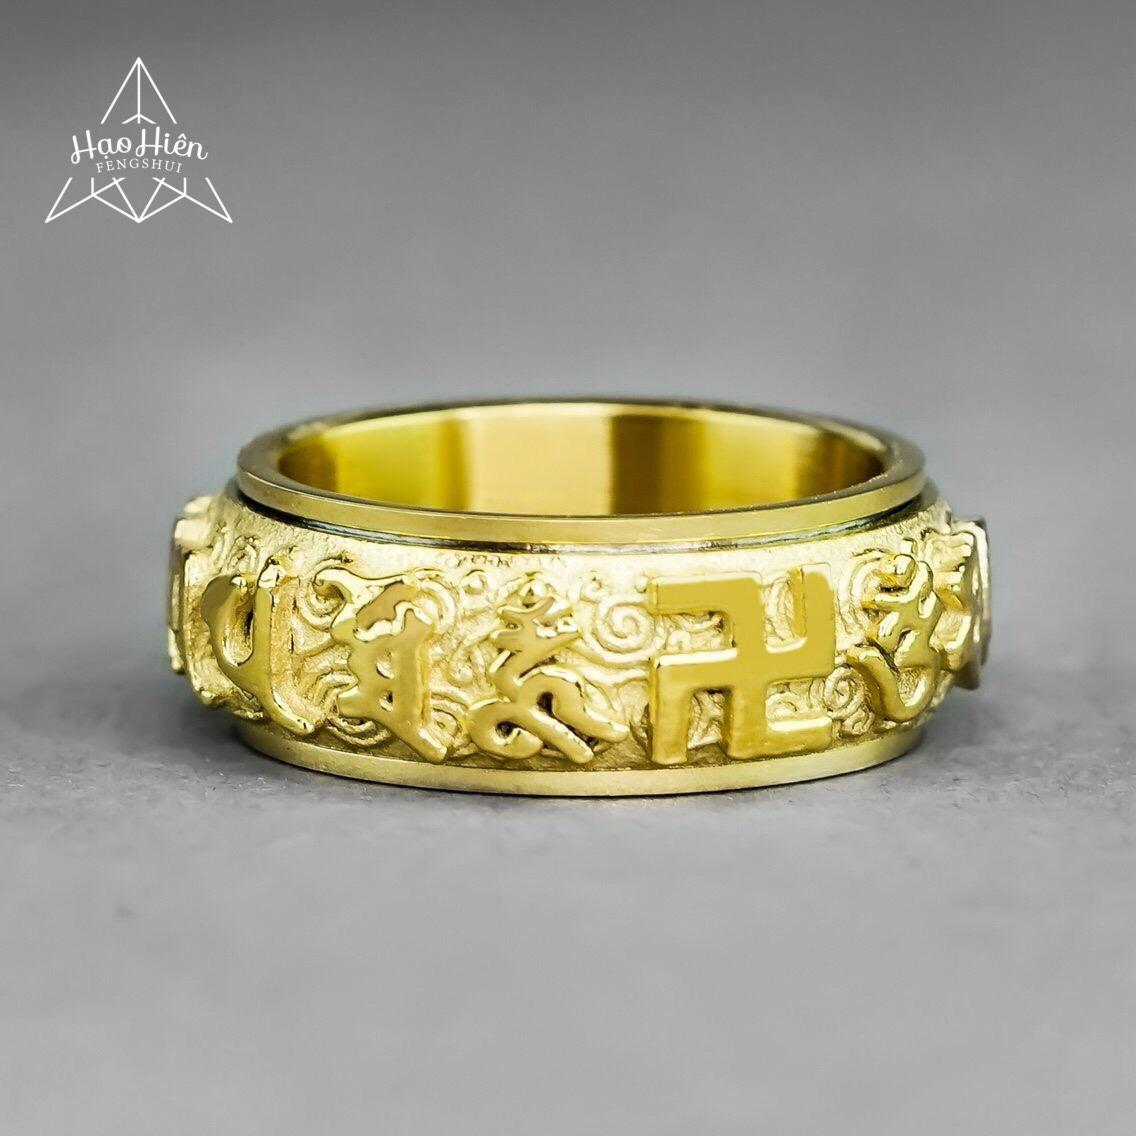 Nhẫn Om Mani Padme Hum mặt chữ Thập khắc nổi - Xoay 360 độ - Mang lại sự Hạnh Phúc, Sung Túc đến cho người đeo